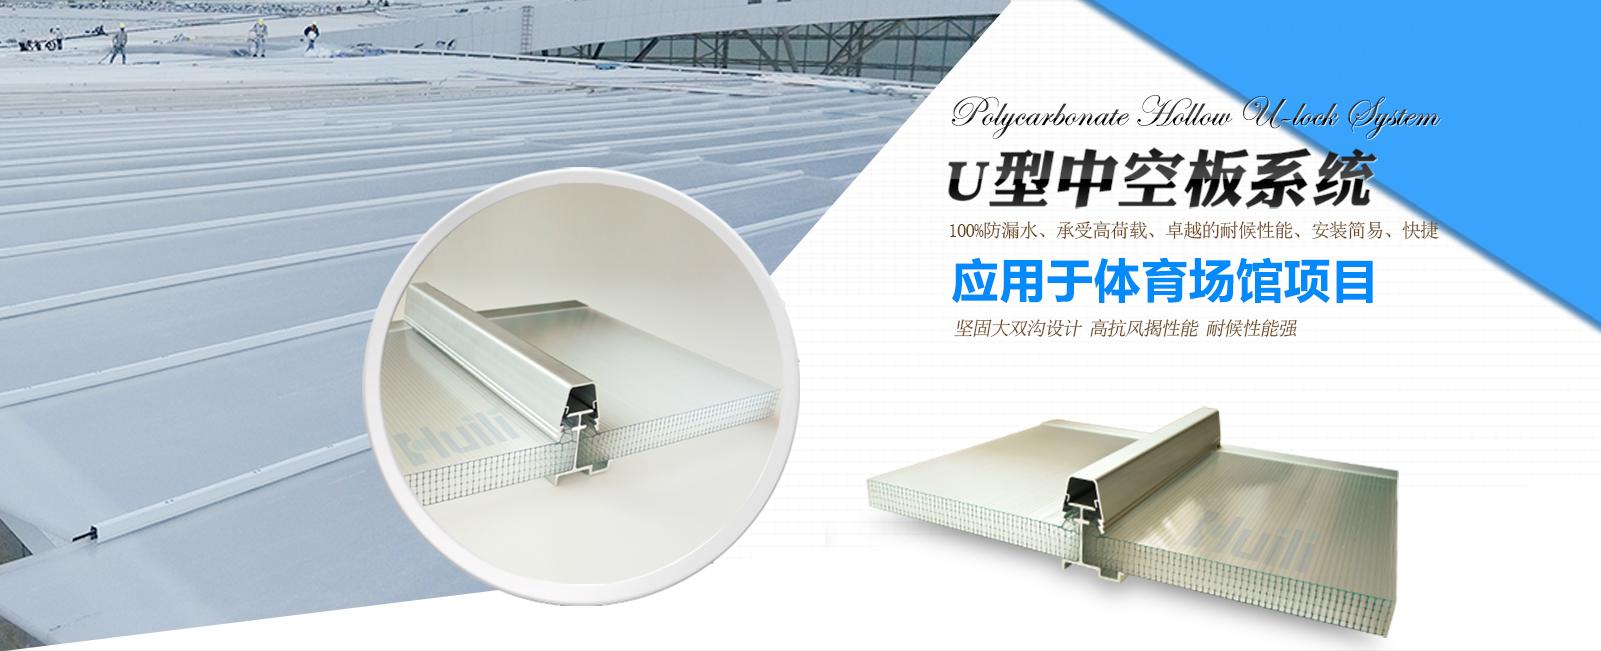 体育场馆屋面采光系统